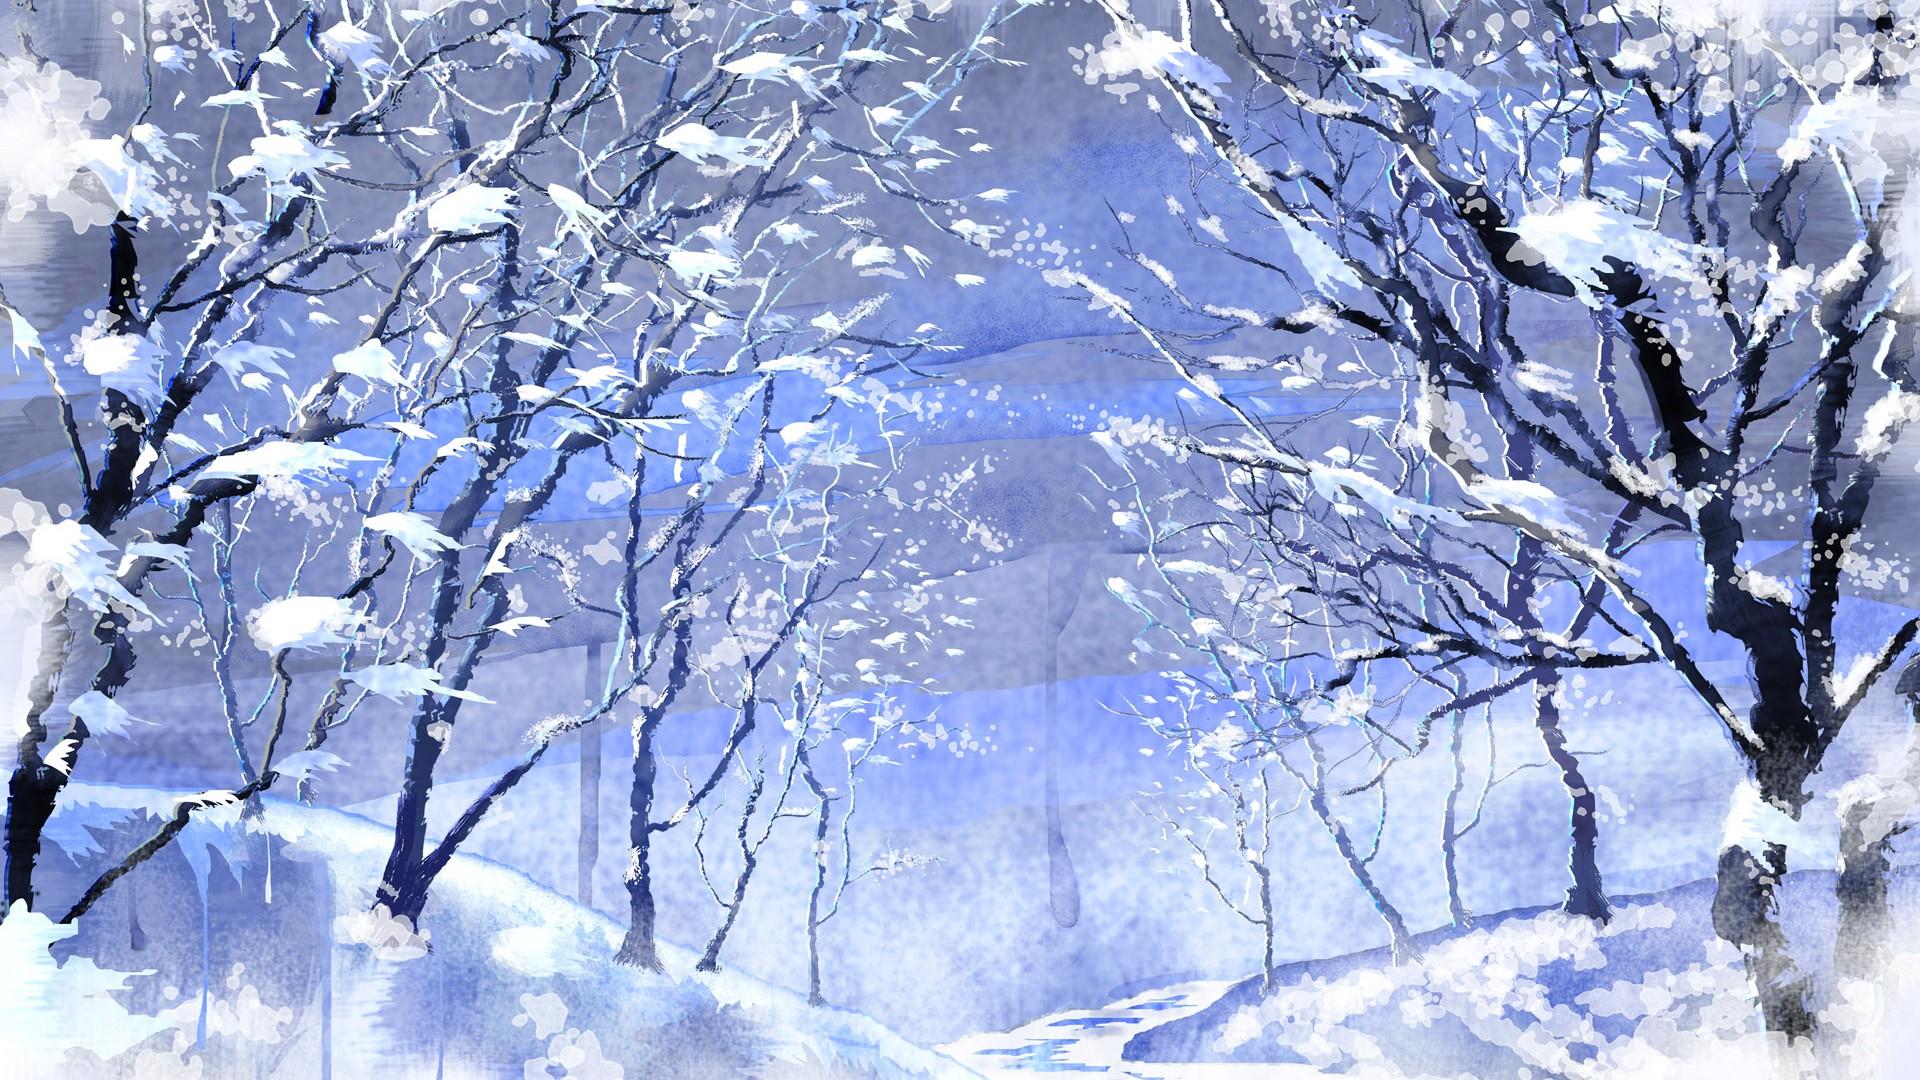 静谧雪景高清桌面壁纸